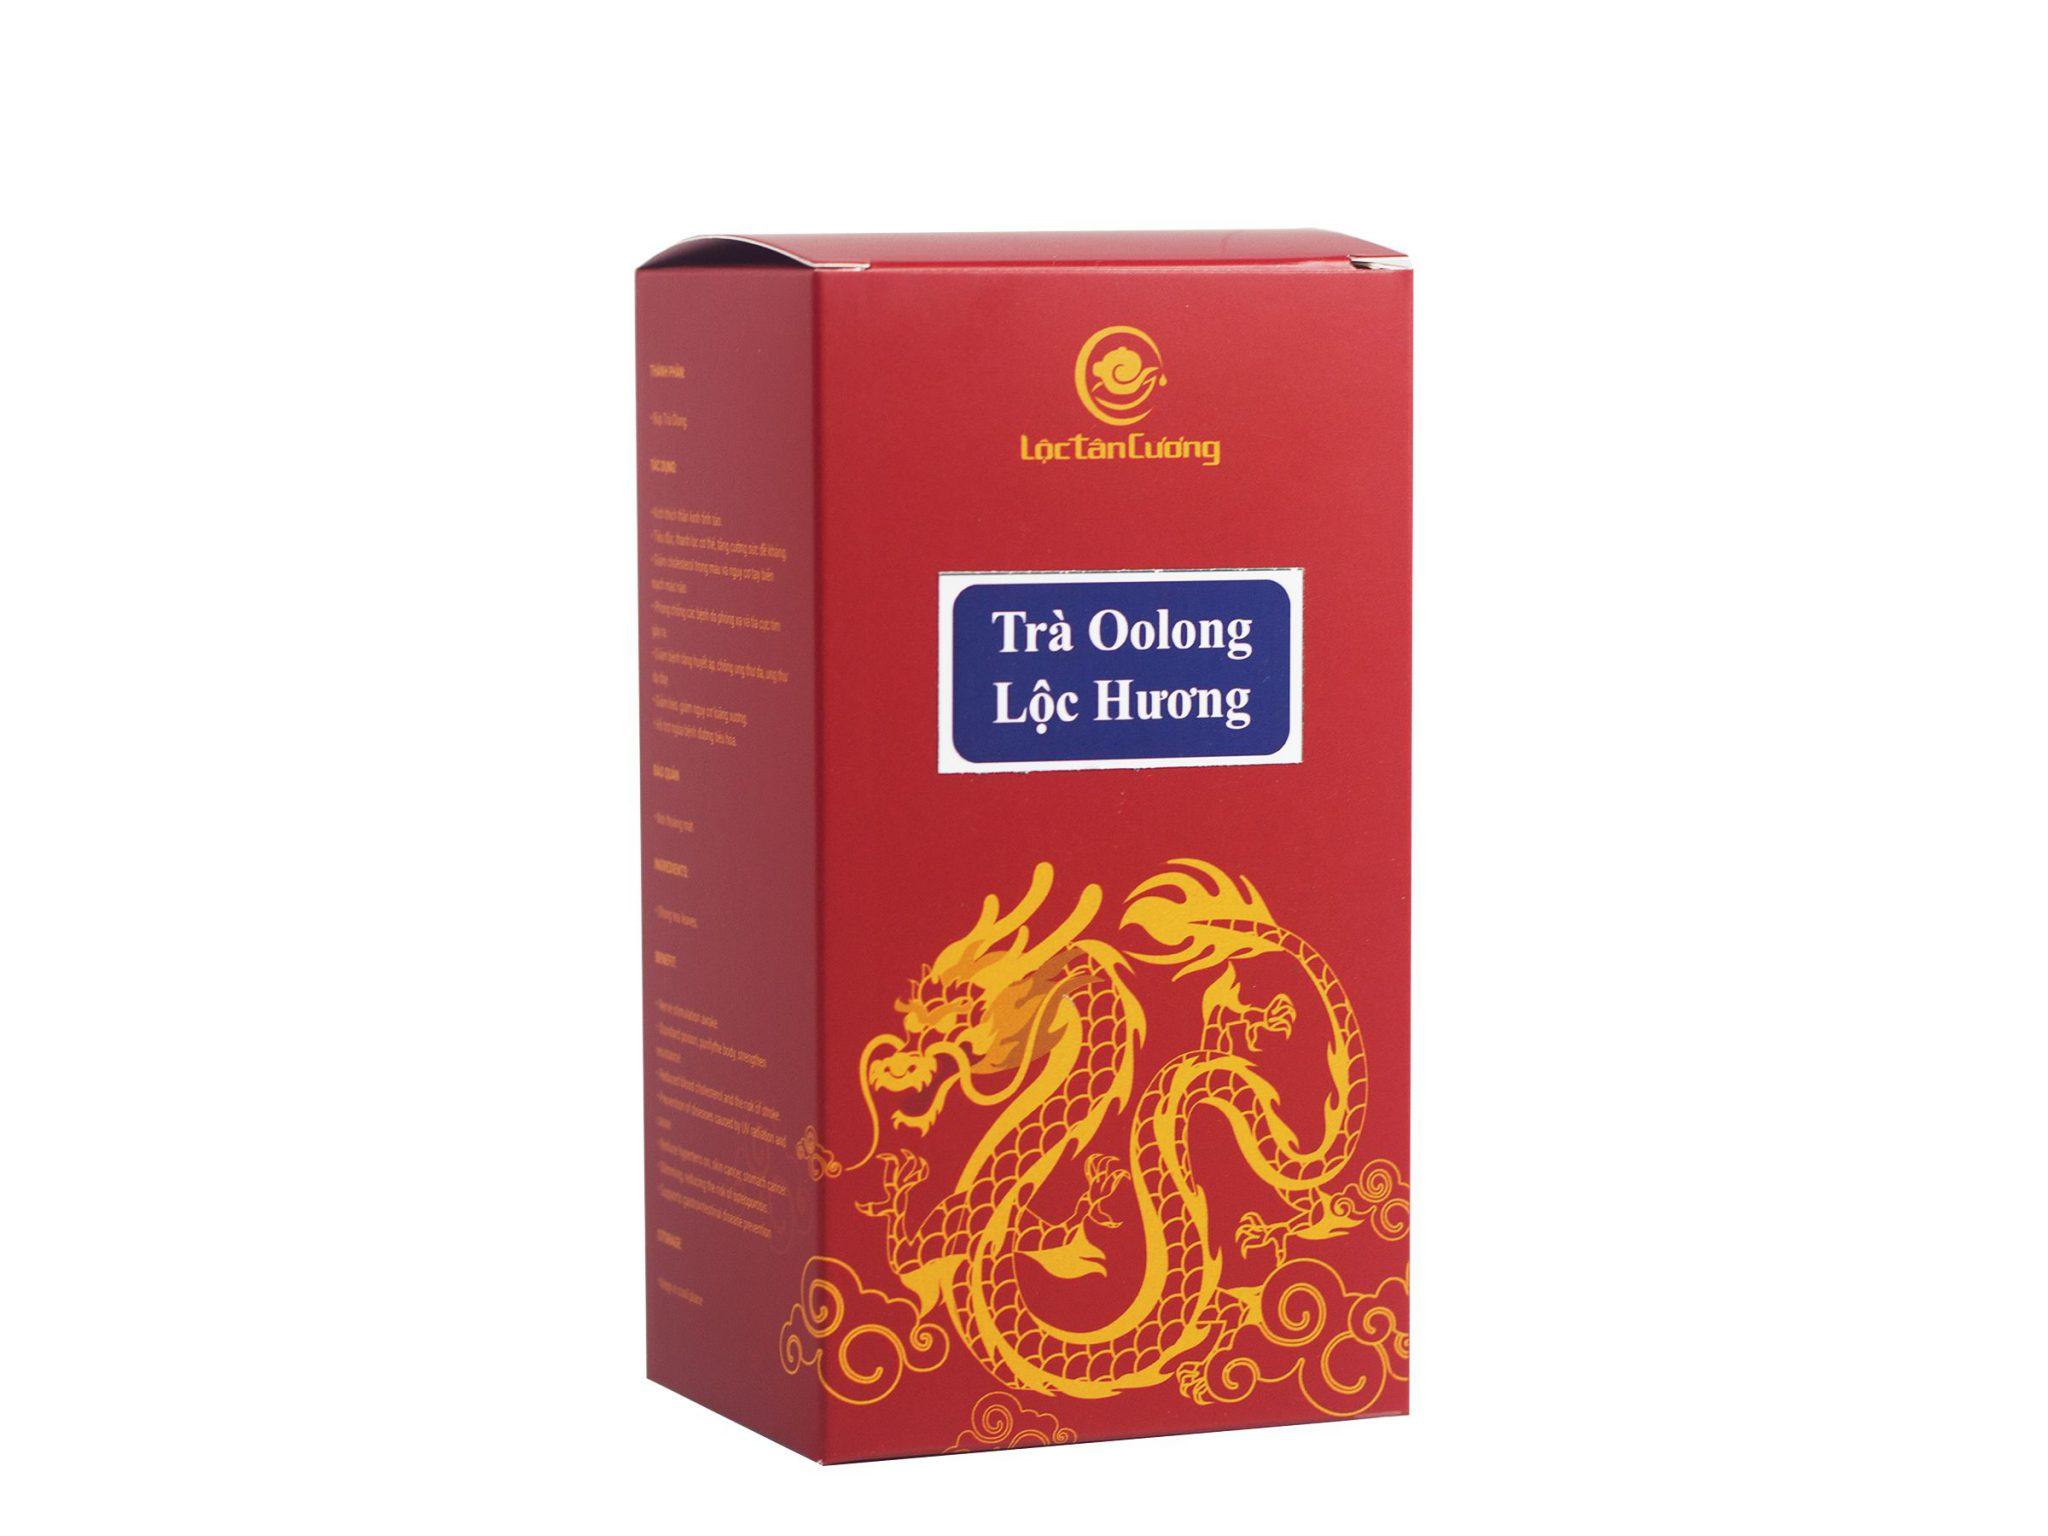 Trà oolong Lộc hương Lộc Tân Cương